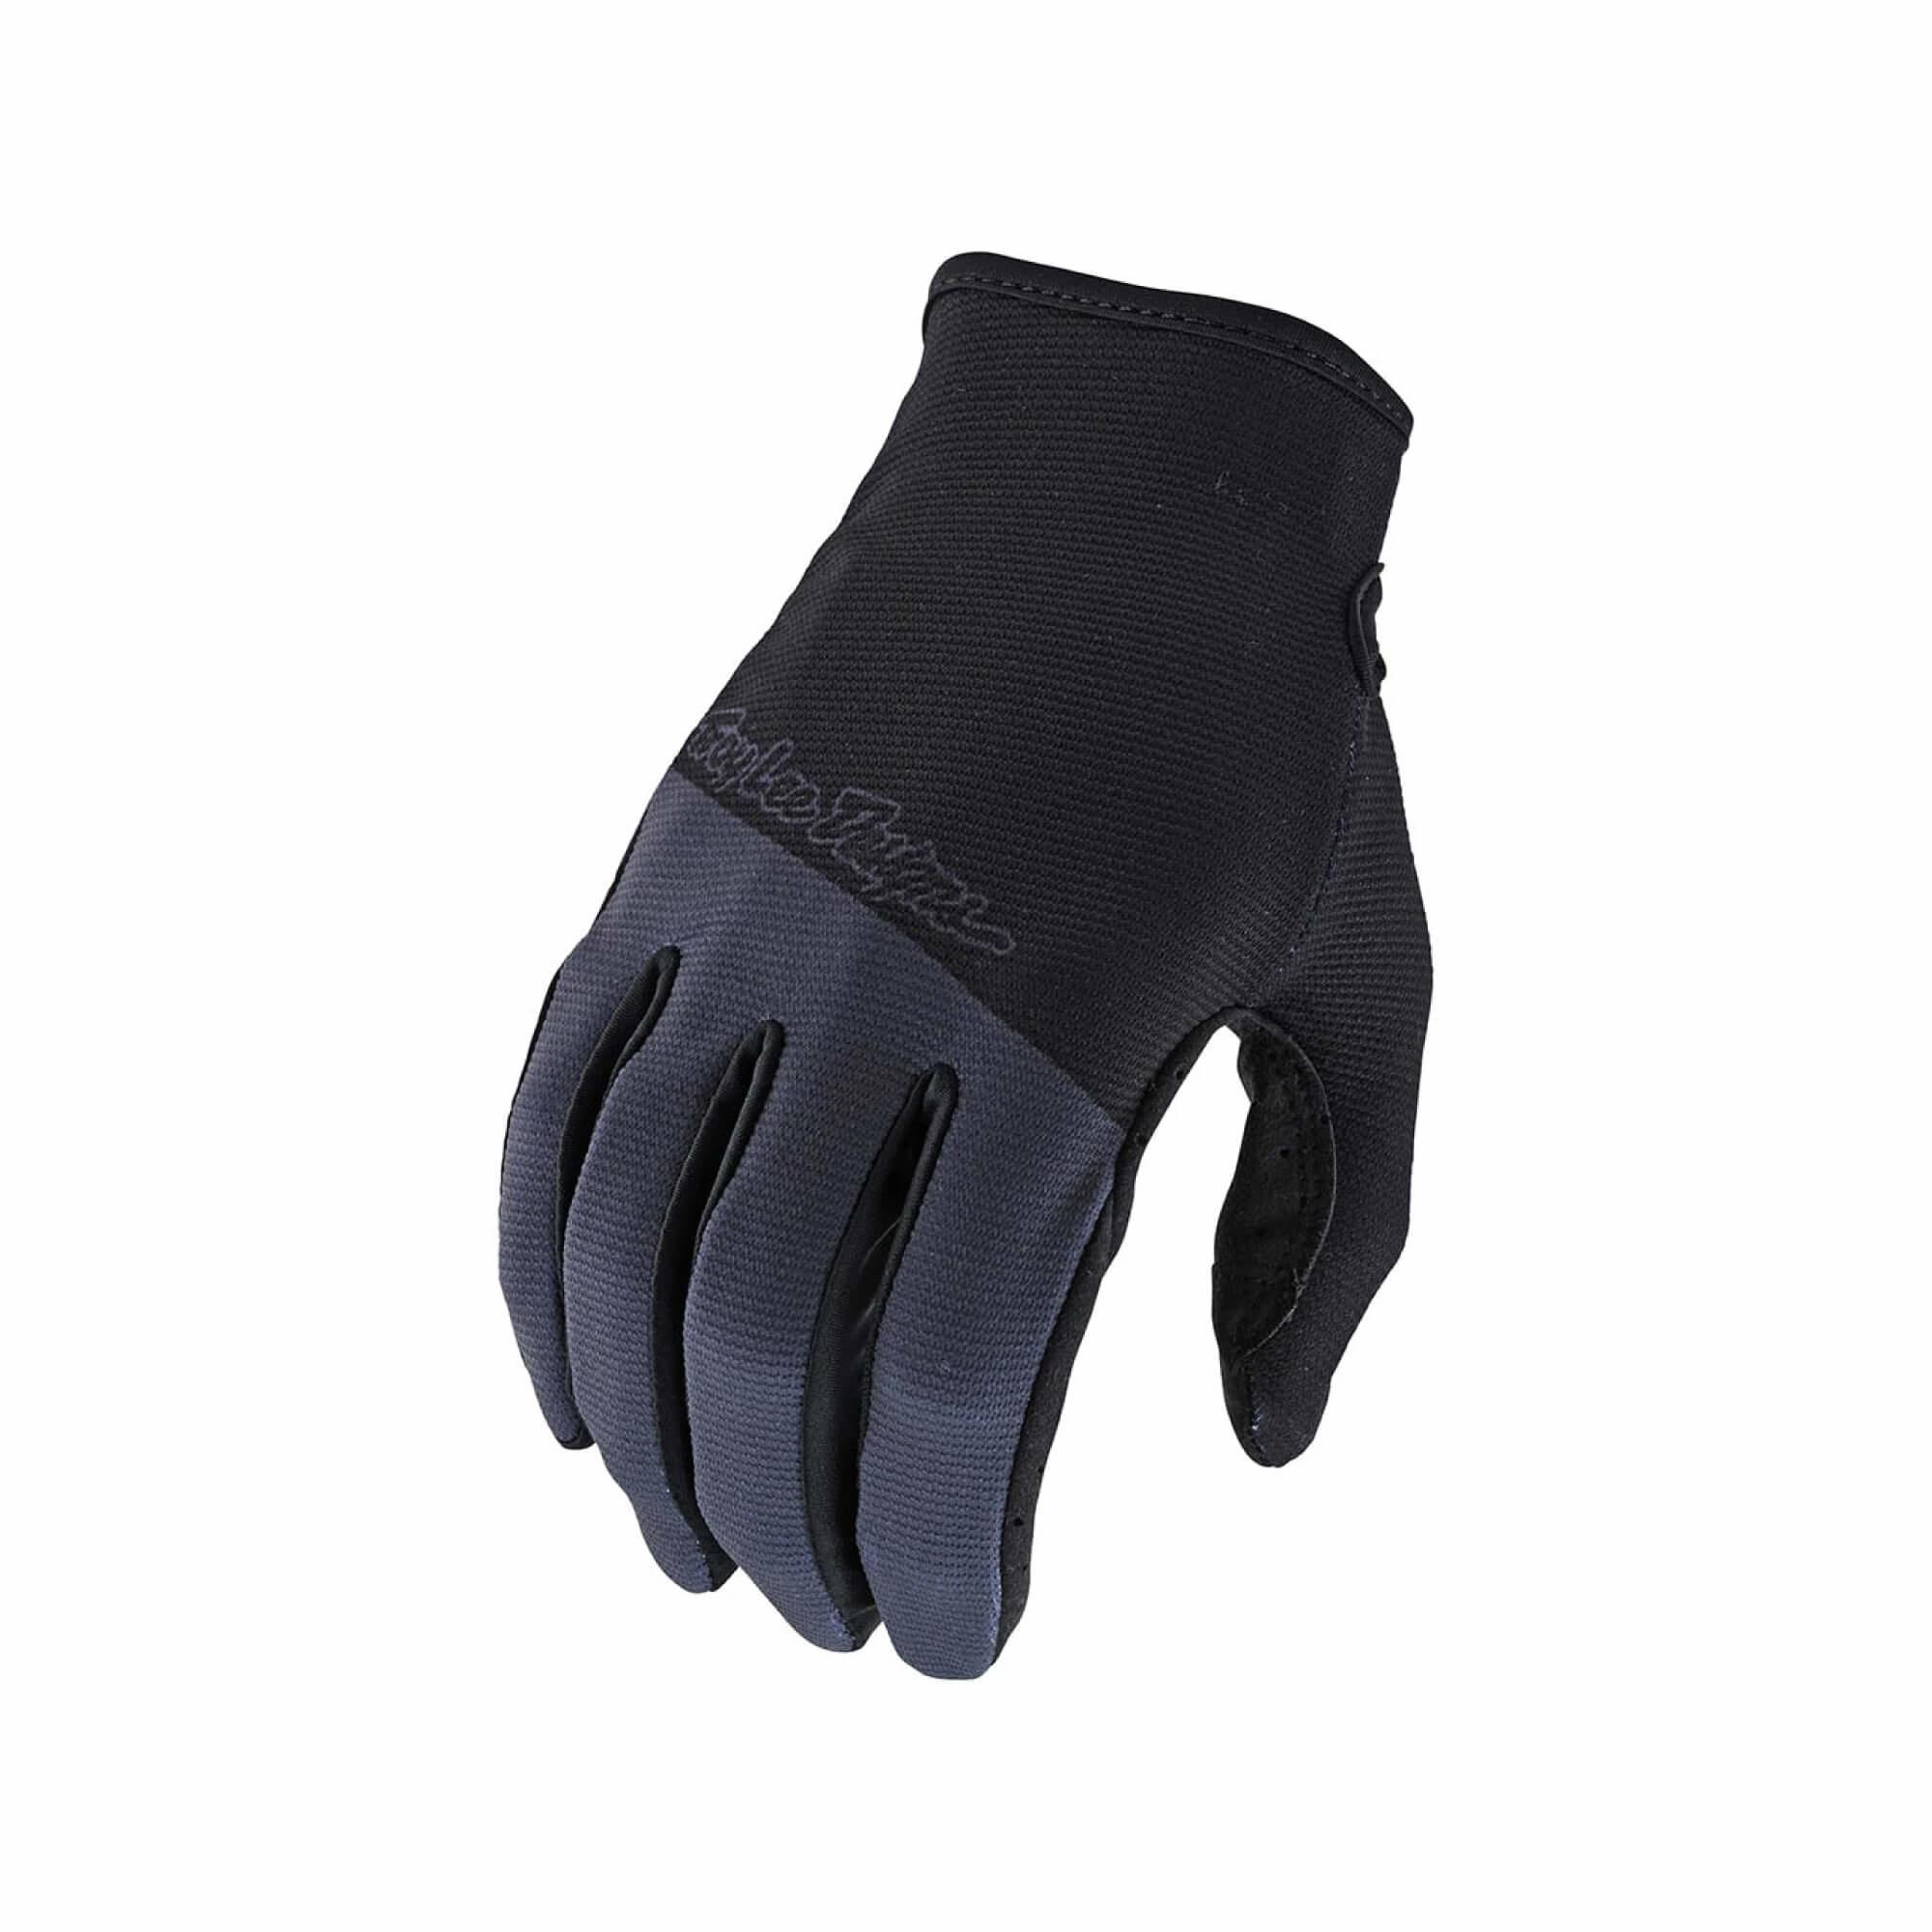 Flowline Glove 21-1